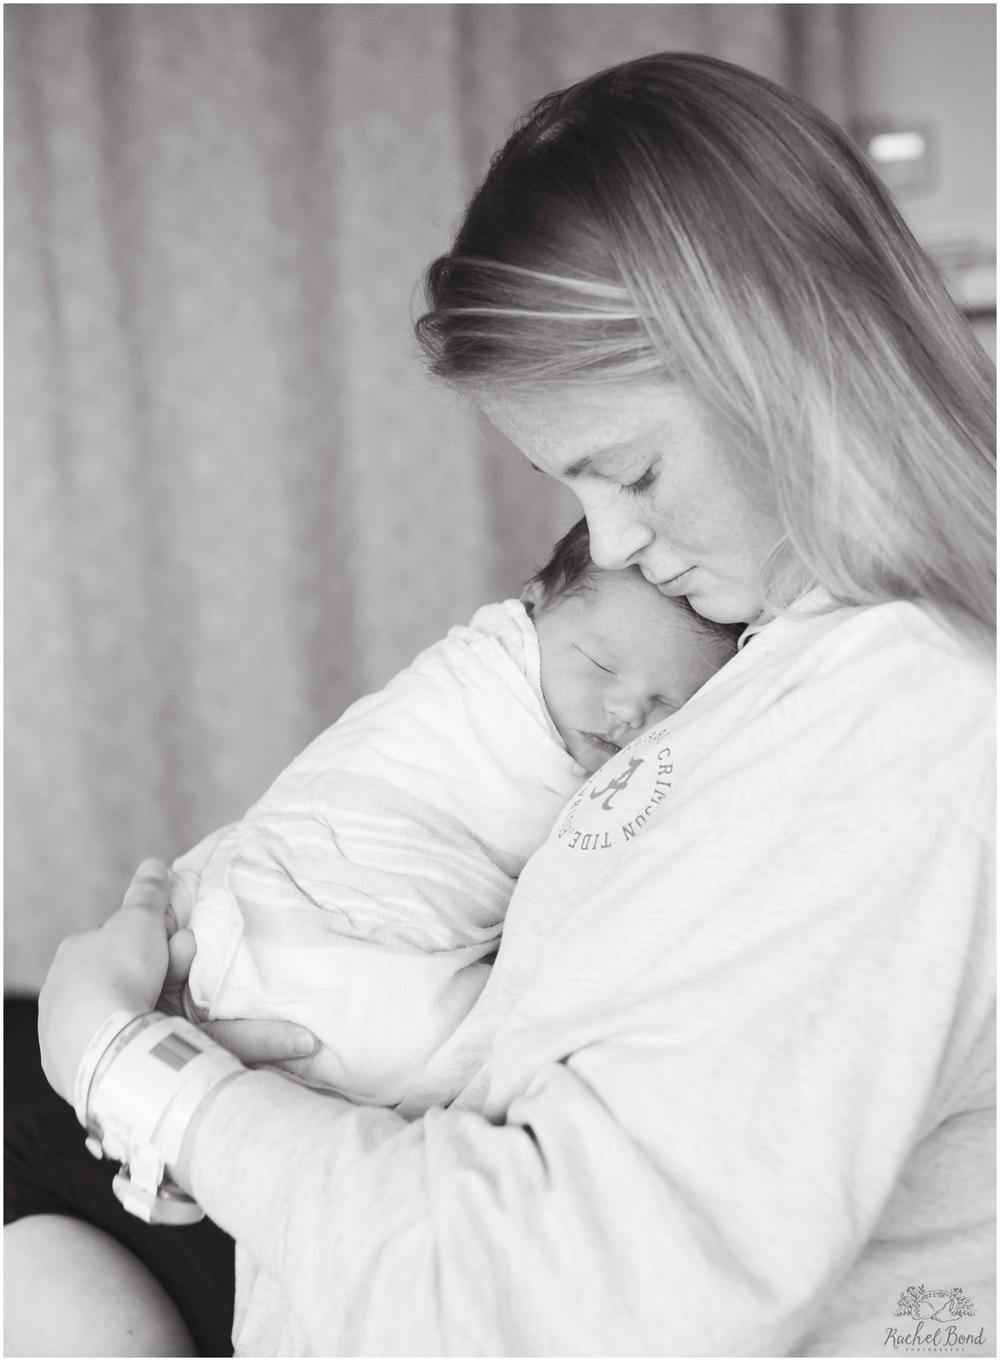 Rachel-Bond-Birmingham-AL-baby-photographer-6246bw.jpg